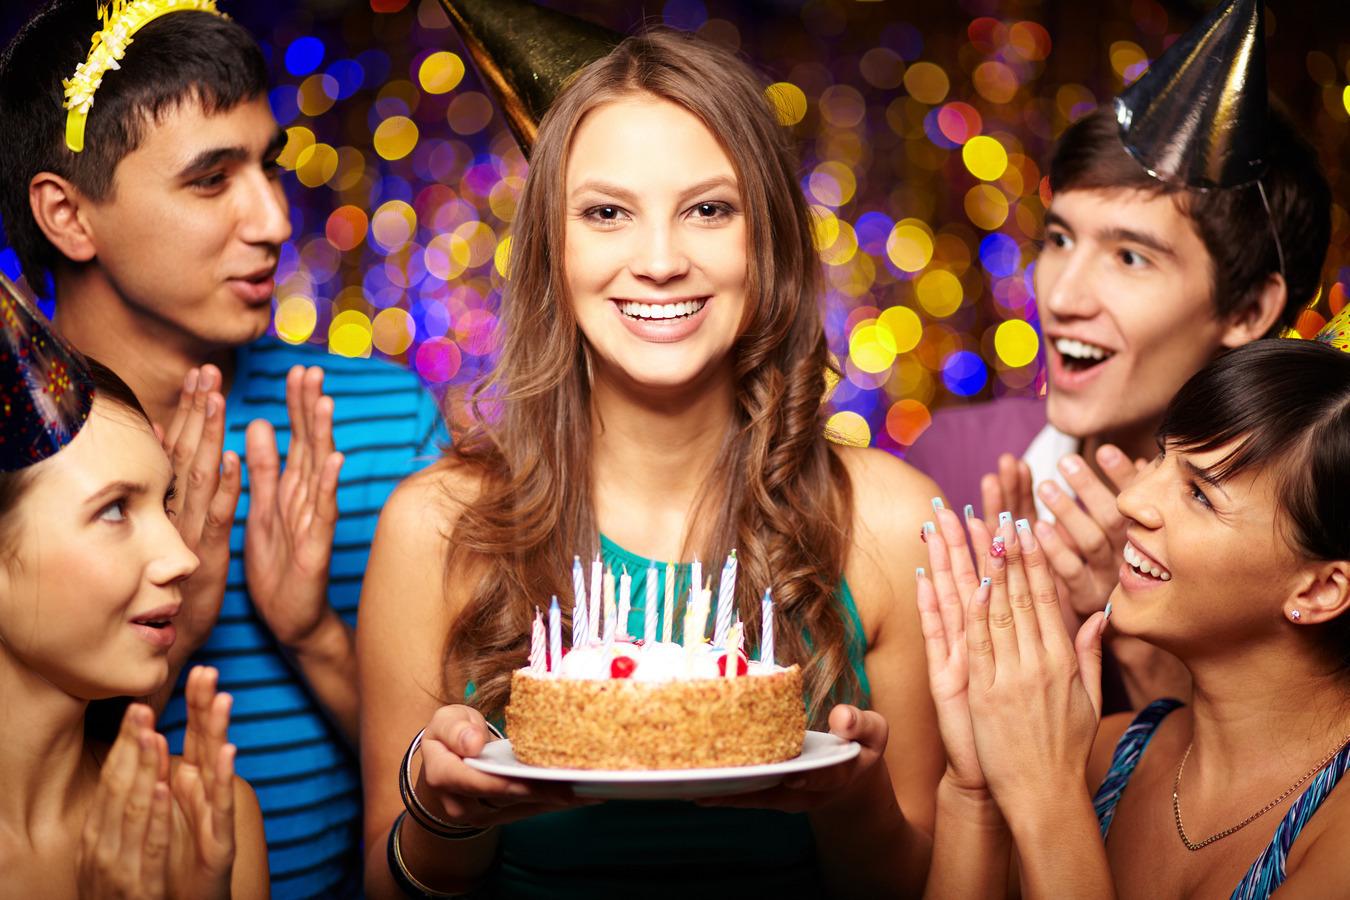 вам, картинка с днем рождения отмечаю фотографа